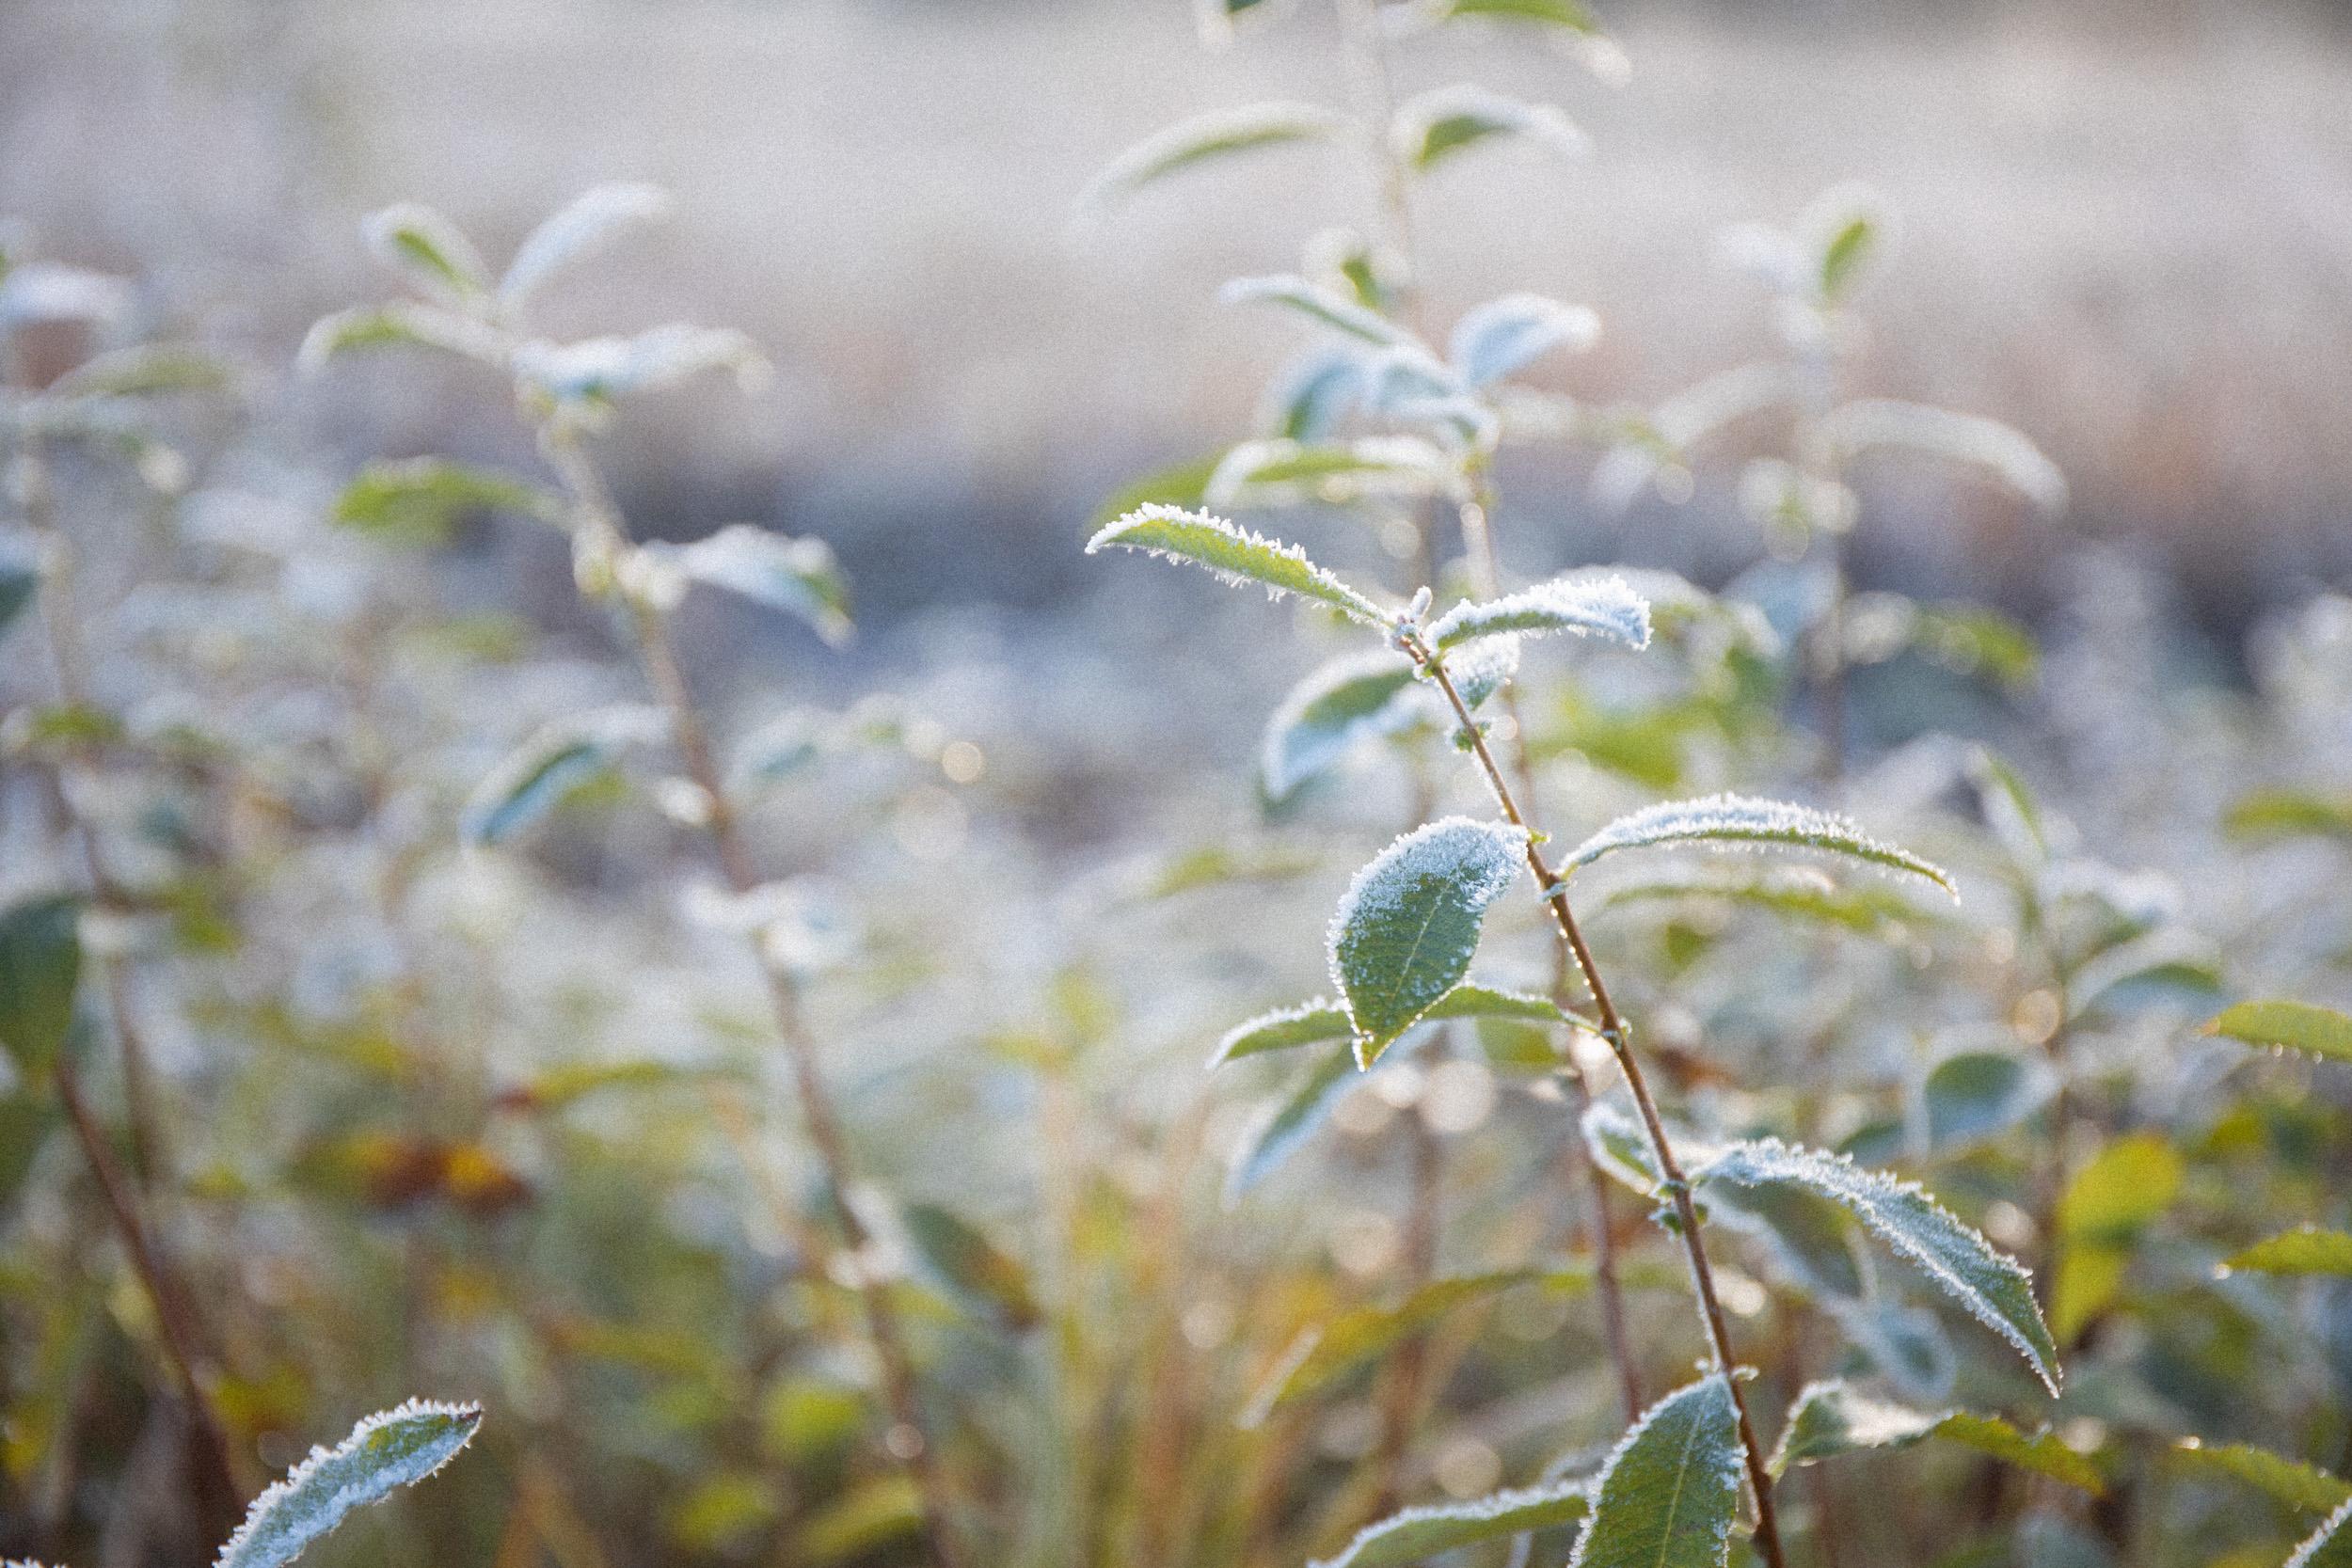 Meistä - Suomen luonto on meille rakas. Metsä rauhoittaa, kuuntelee, se innostaa ja metsässä tunnemme elävämme. Luonnossa liikkuminen saa aistit valloilleen.